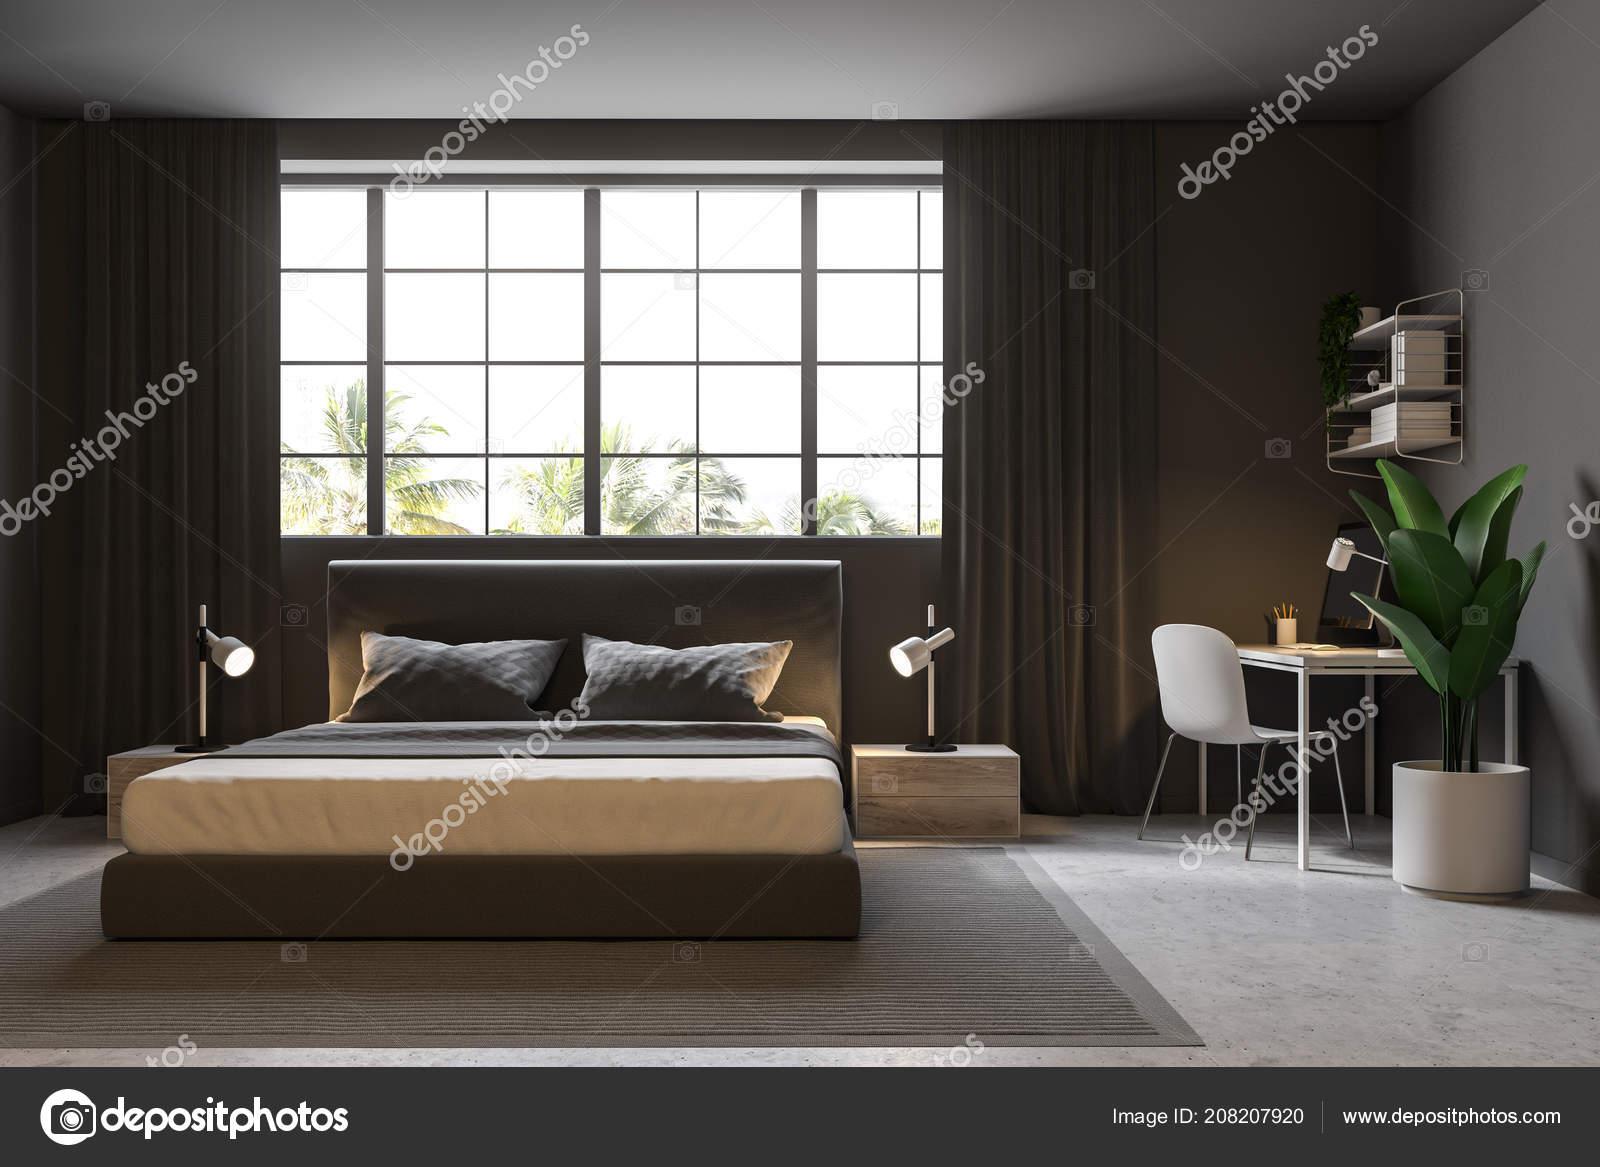 Camere Da Letto Pareti Grigie : Interno camera letto lusso con pareti grigie pavimento cemento con